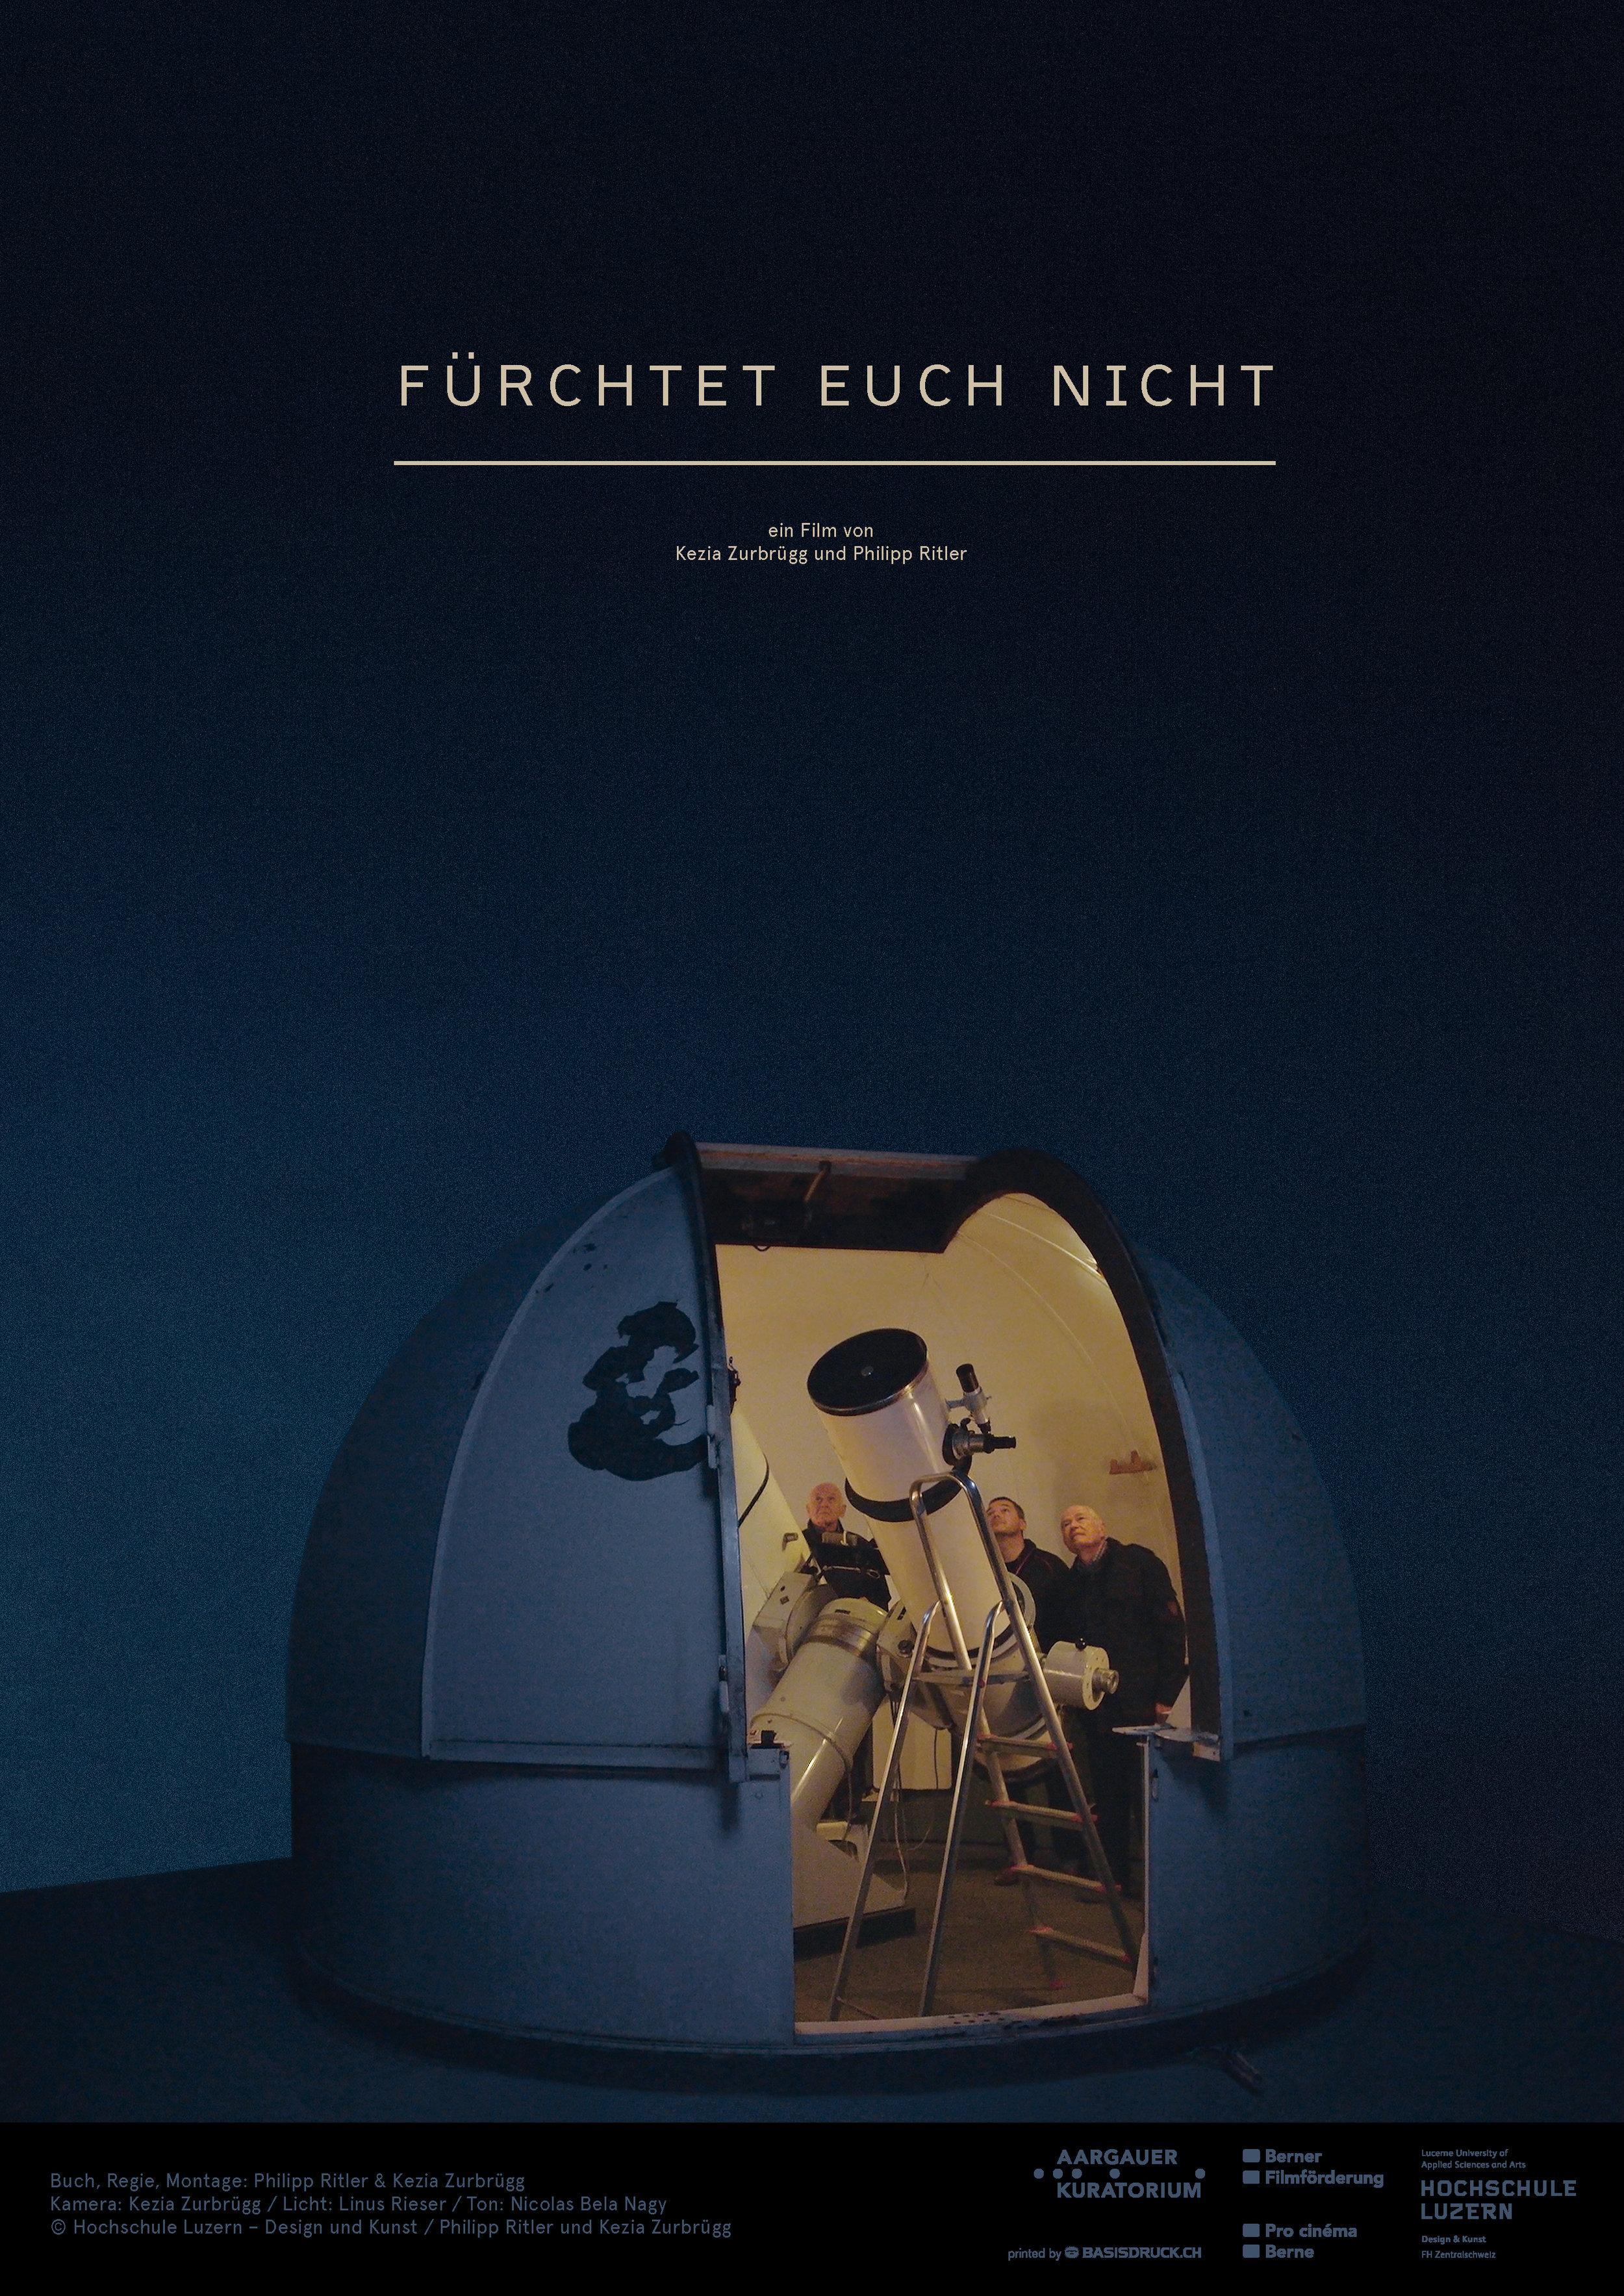 FUERCHTET-EUCH-NICHT_Poster.jpg